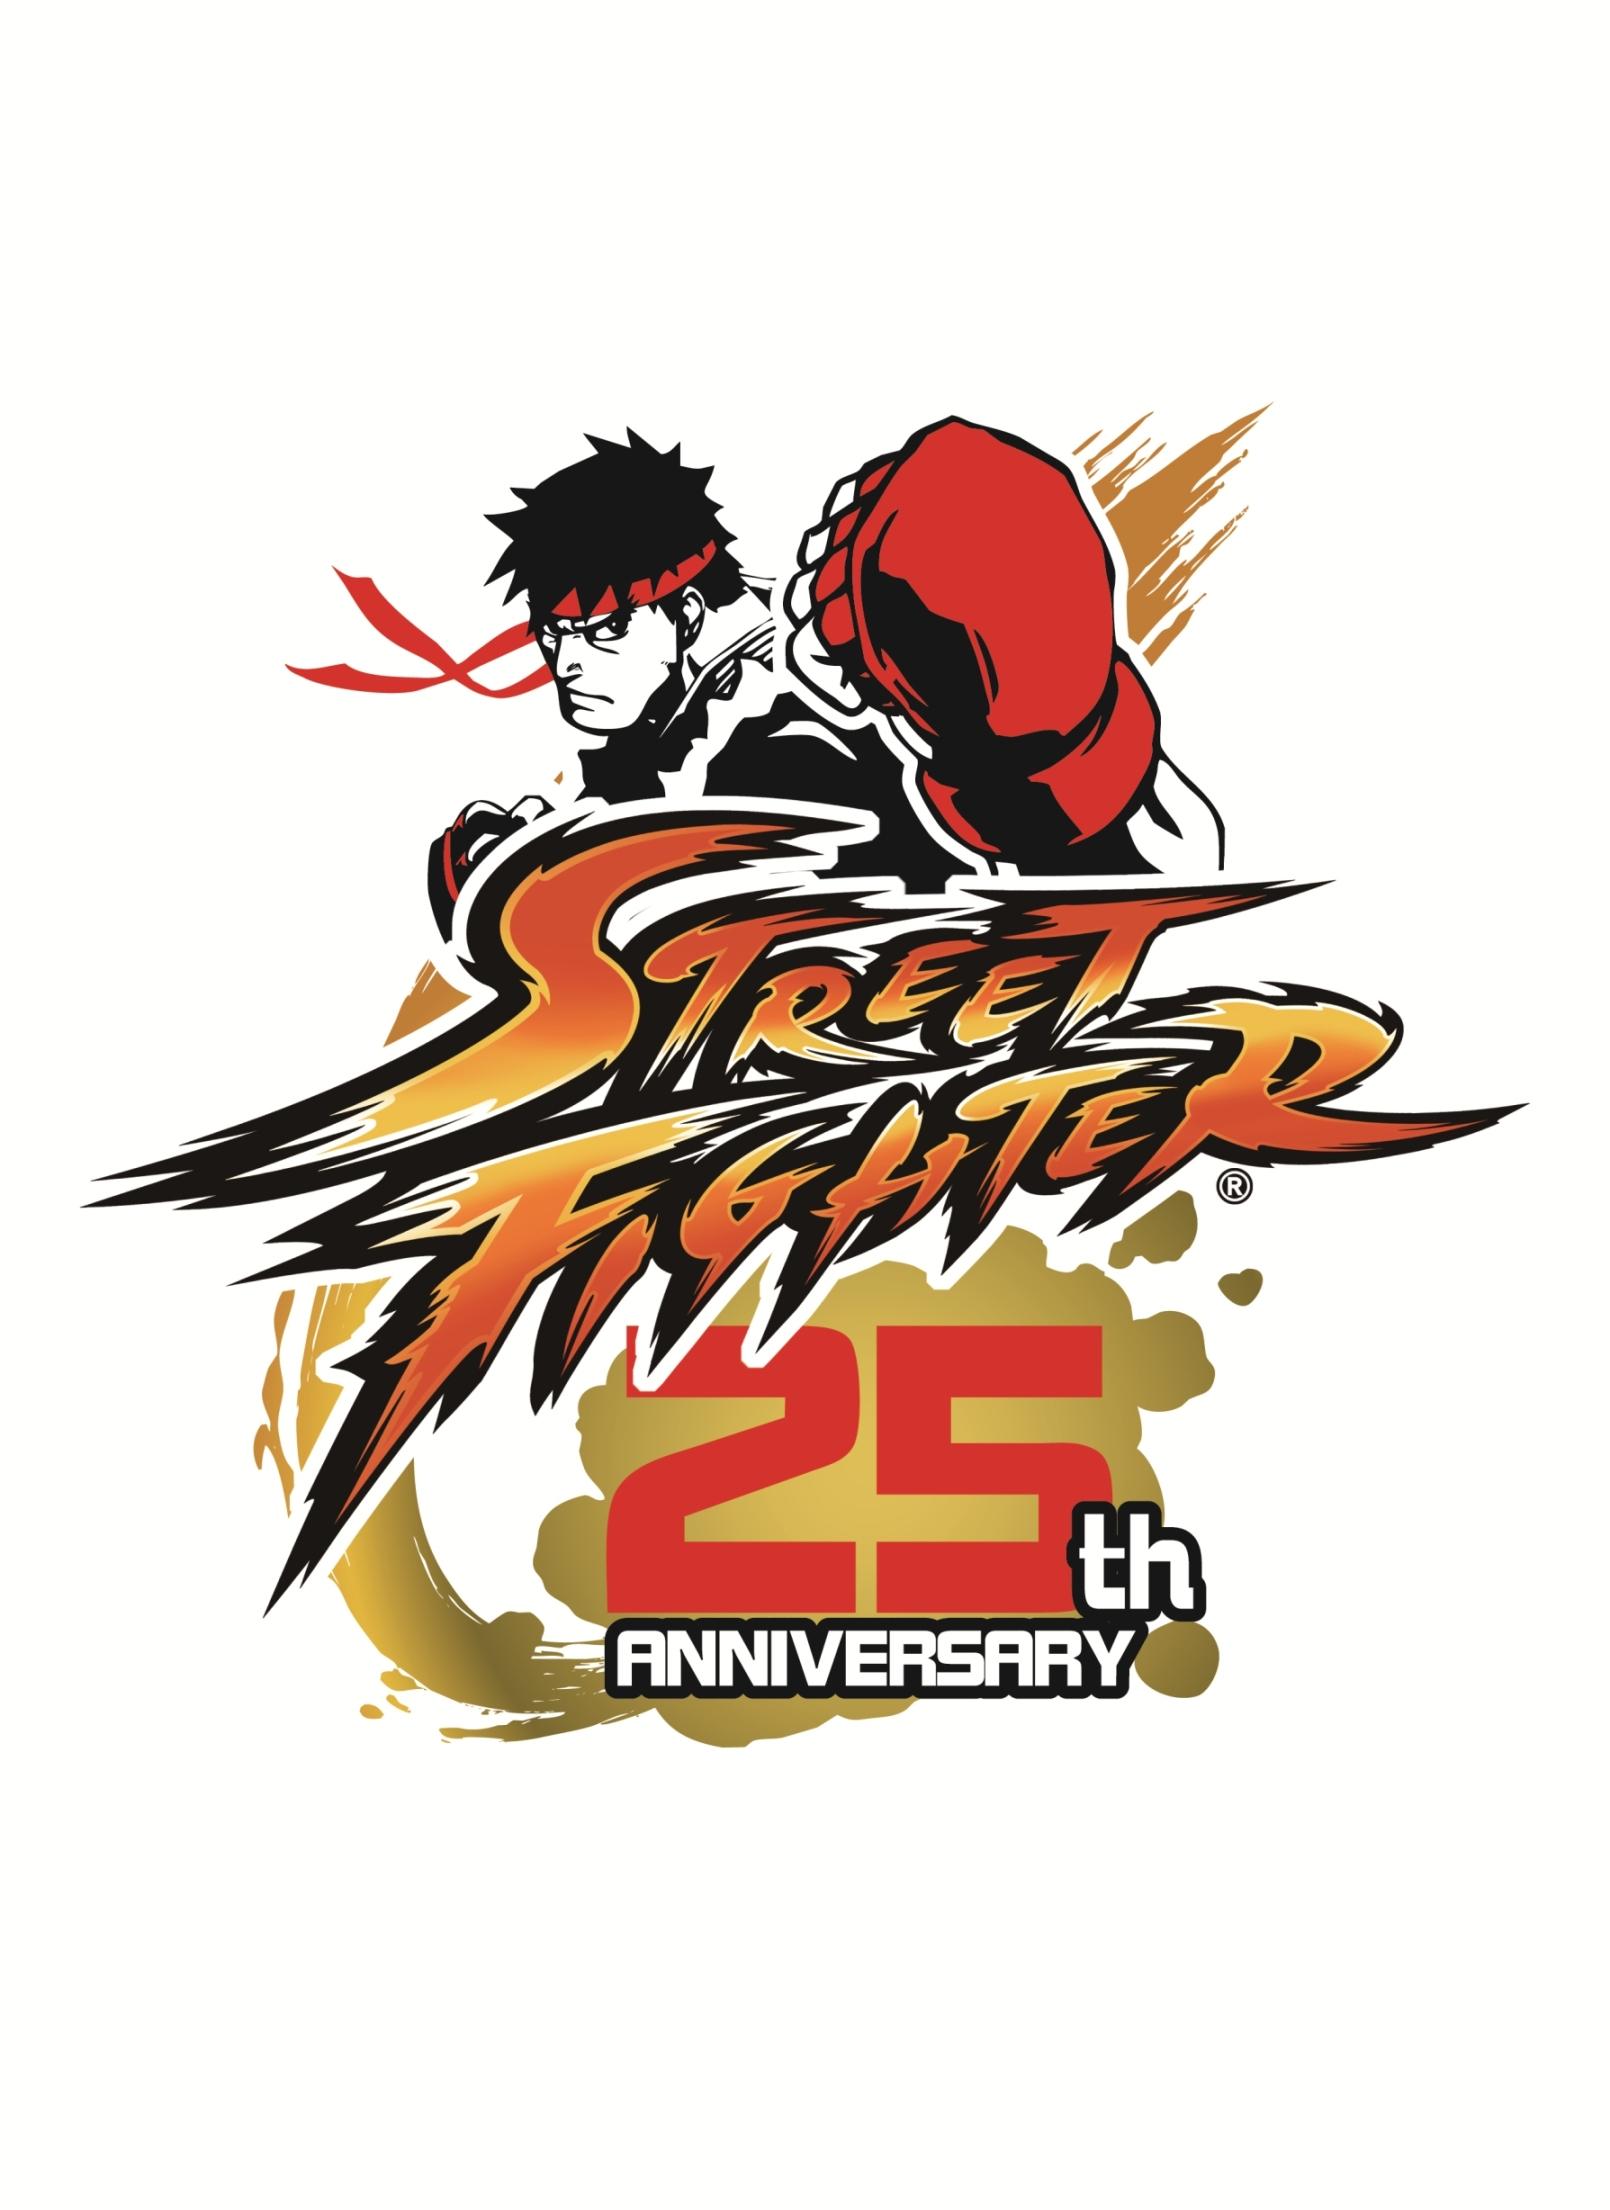 Les 25 ans de Street Fighter, un évènement mondial